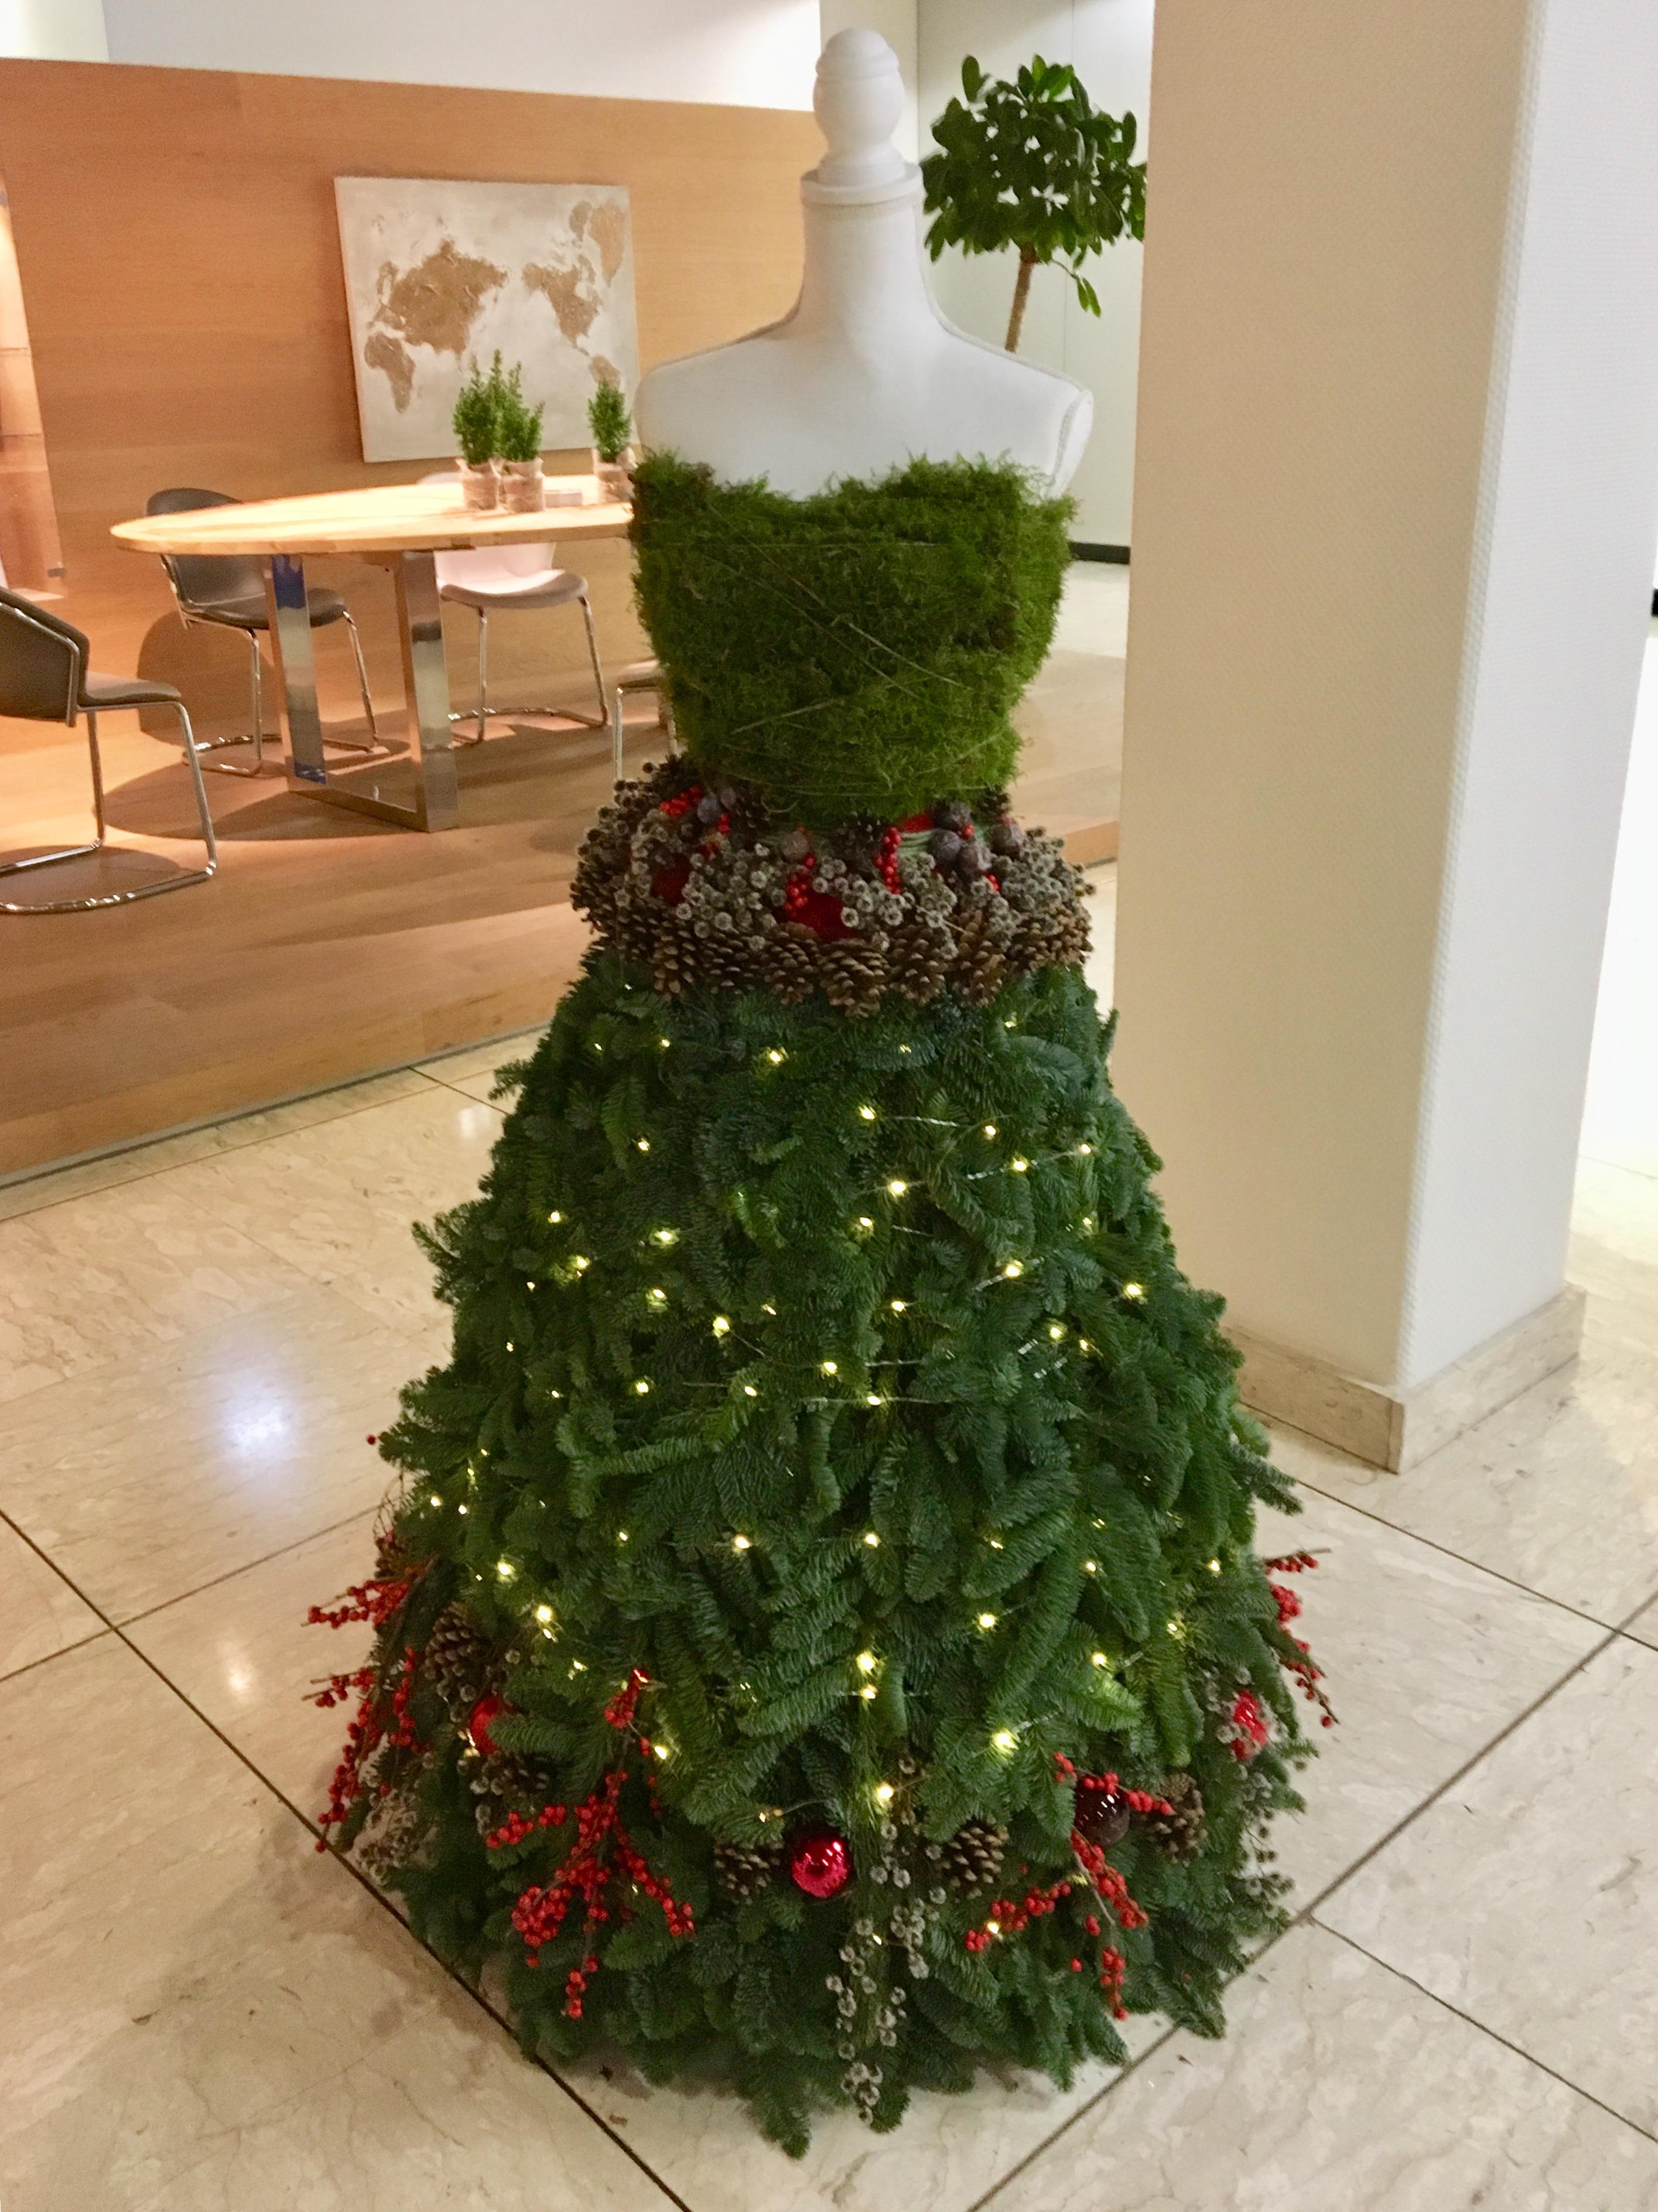 Weihnachtsdeko Bei Heine.Floraler Weihnachtsworkshop Mit Mitarbeitern Bei Heine